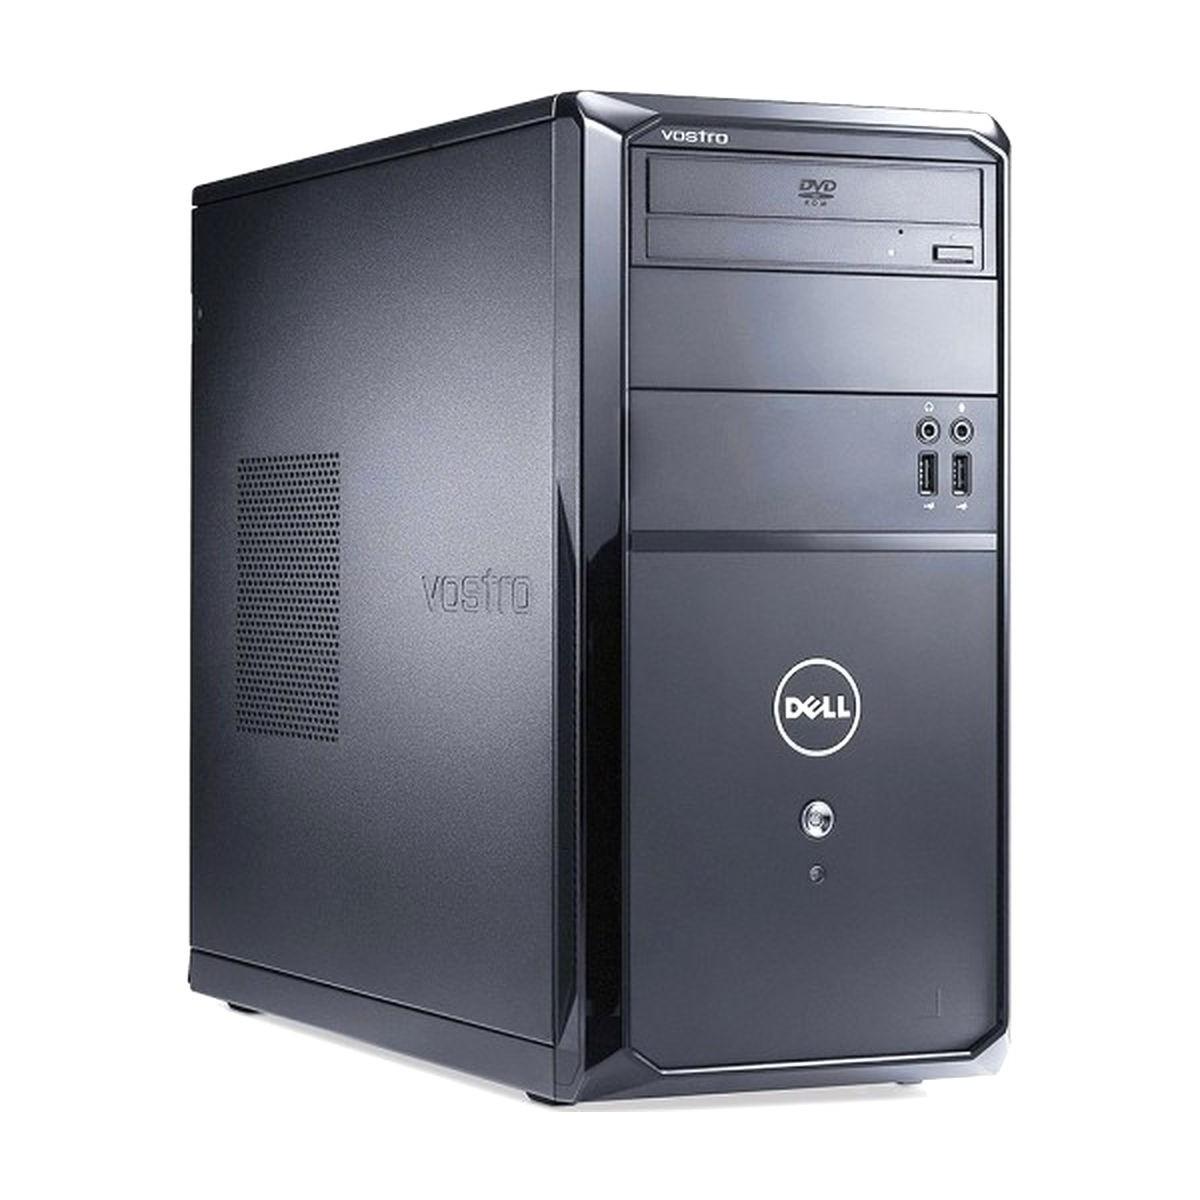 DELL VOSTRO 260 G620 2GB 320GB SATA WIN7